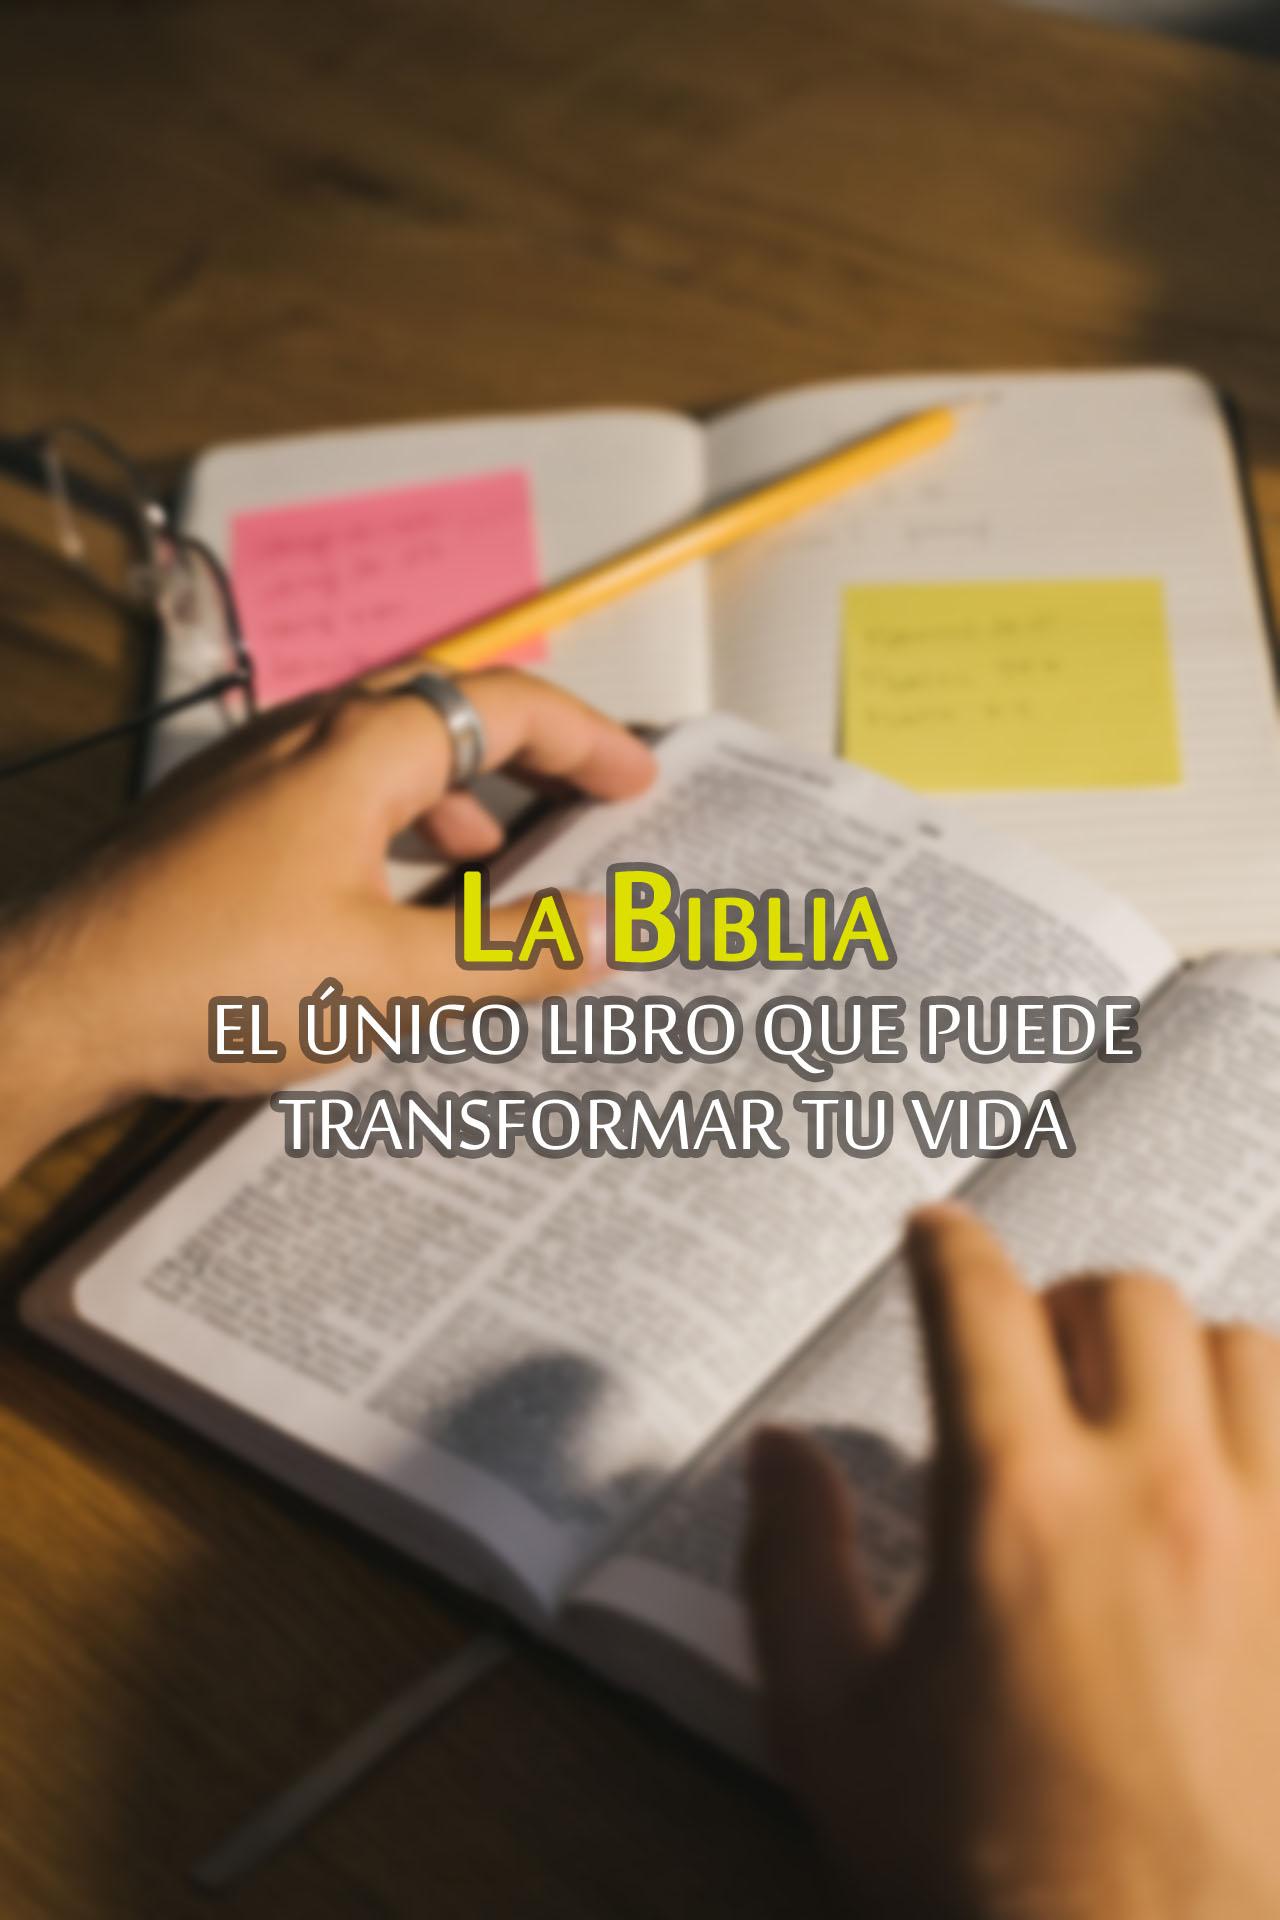 El unico libro que puede transformarte imagenes cristianas nuevas